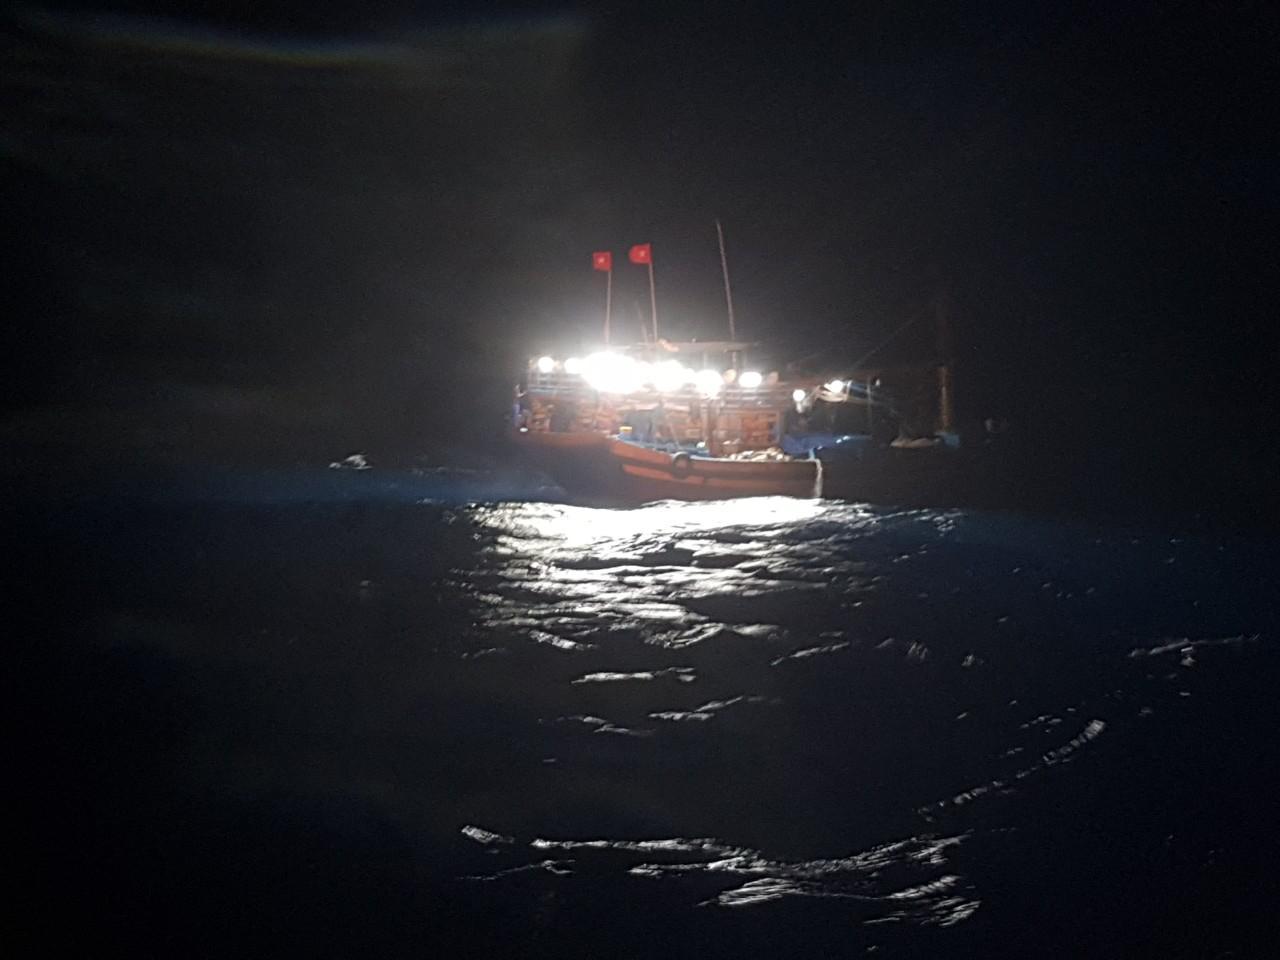 Cháy hầm máy, cứu nạn một ngư dân bị bỏng nặng Ảnh 1